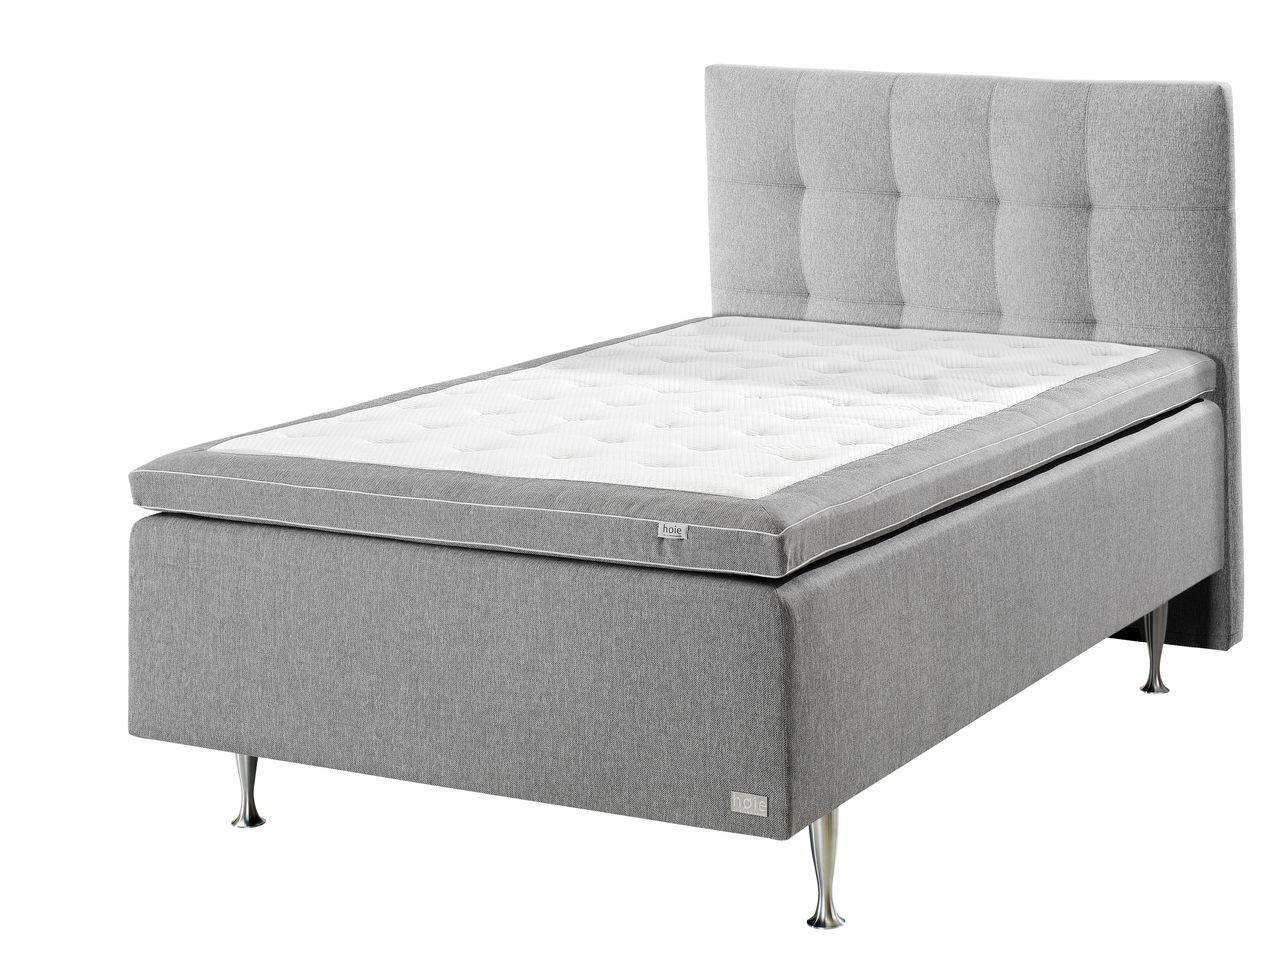 seng 120x200 tilbud Boxmadras fra JYSK   Se udvalget af boxmadrasser her seng 120x200 tilbud